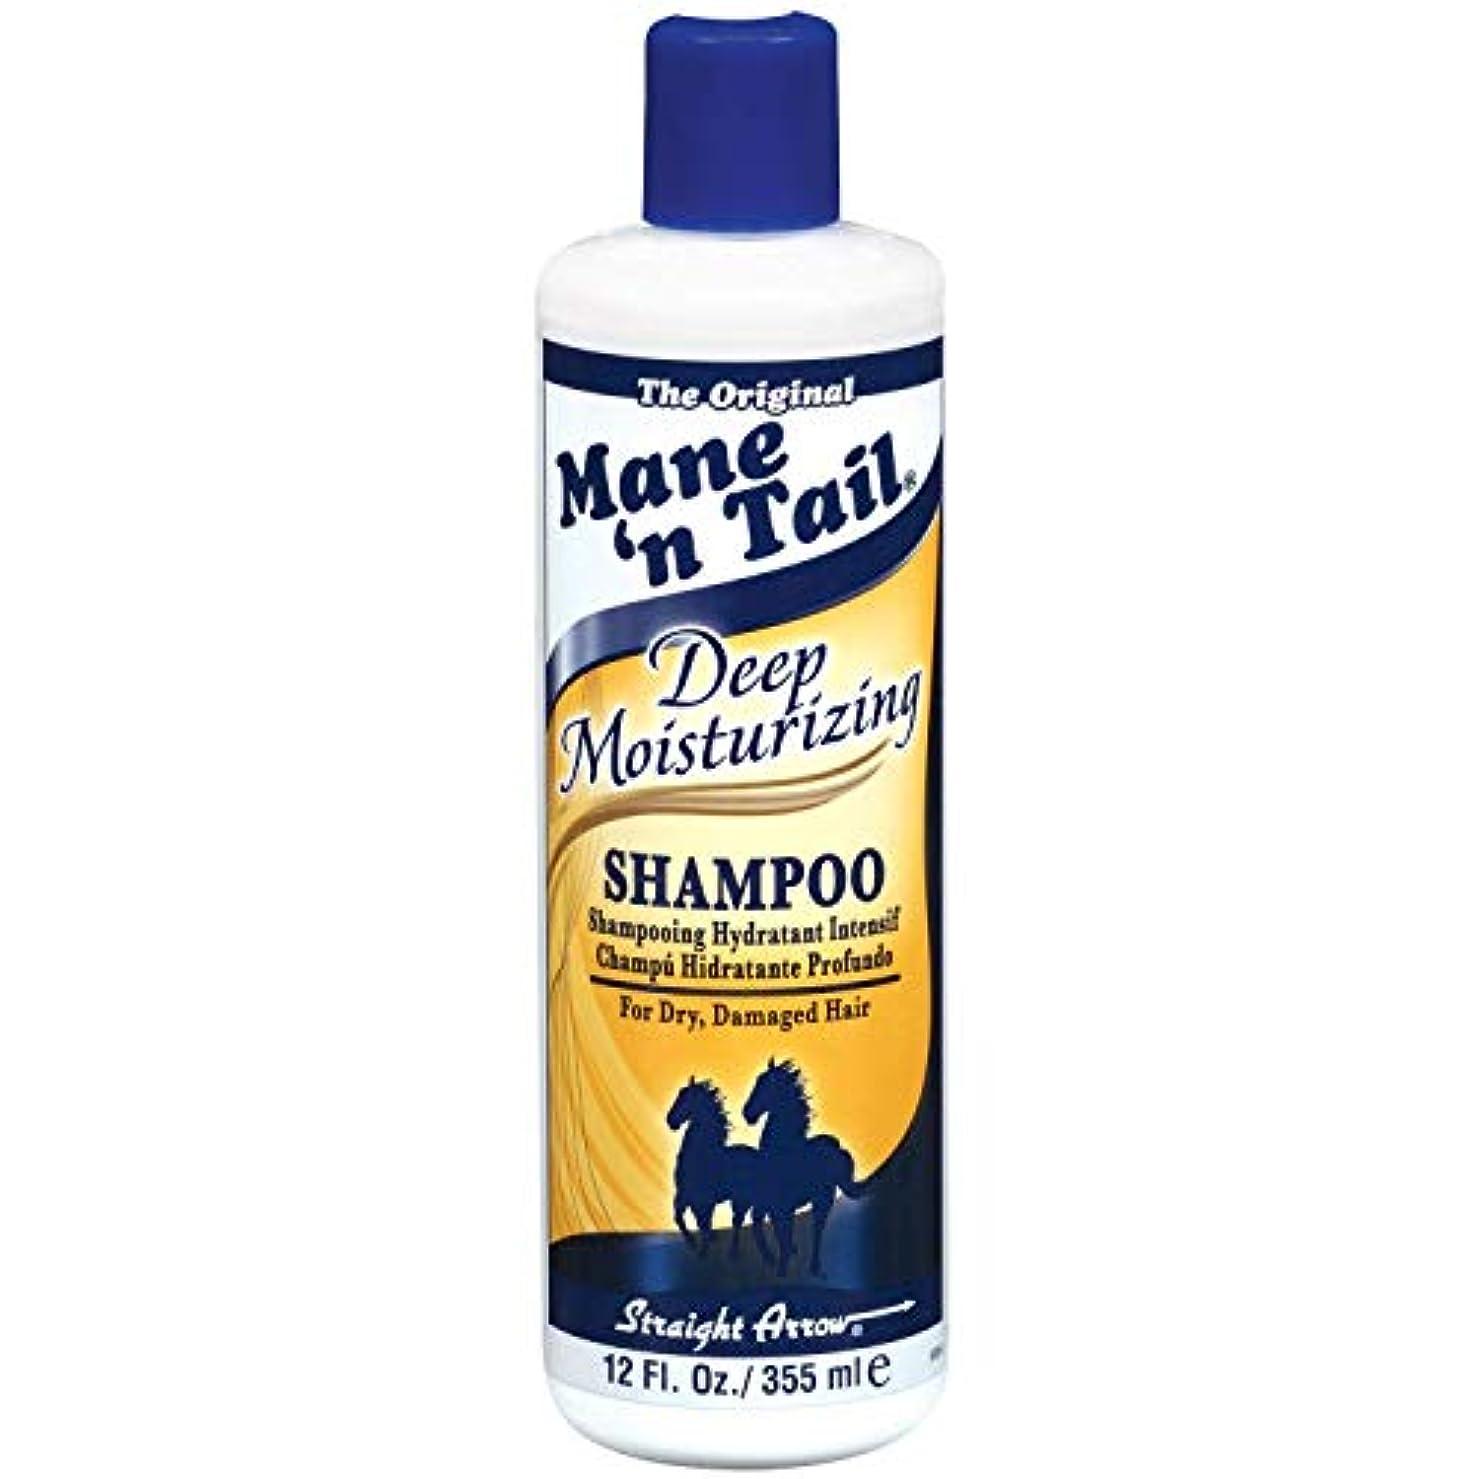 蜜確かなメンバー(馬のたてがみ メインテイル ディープ モイスチャライジング 乾燥髪?傷んだ髪用 シャンプー)Mane'n Tail Deep Moisturizing Shampoo (並行輸入品) [並行輸入品]